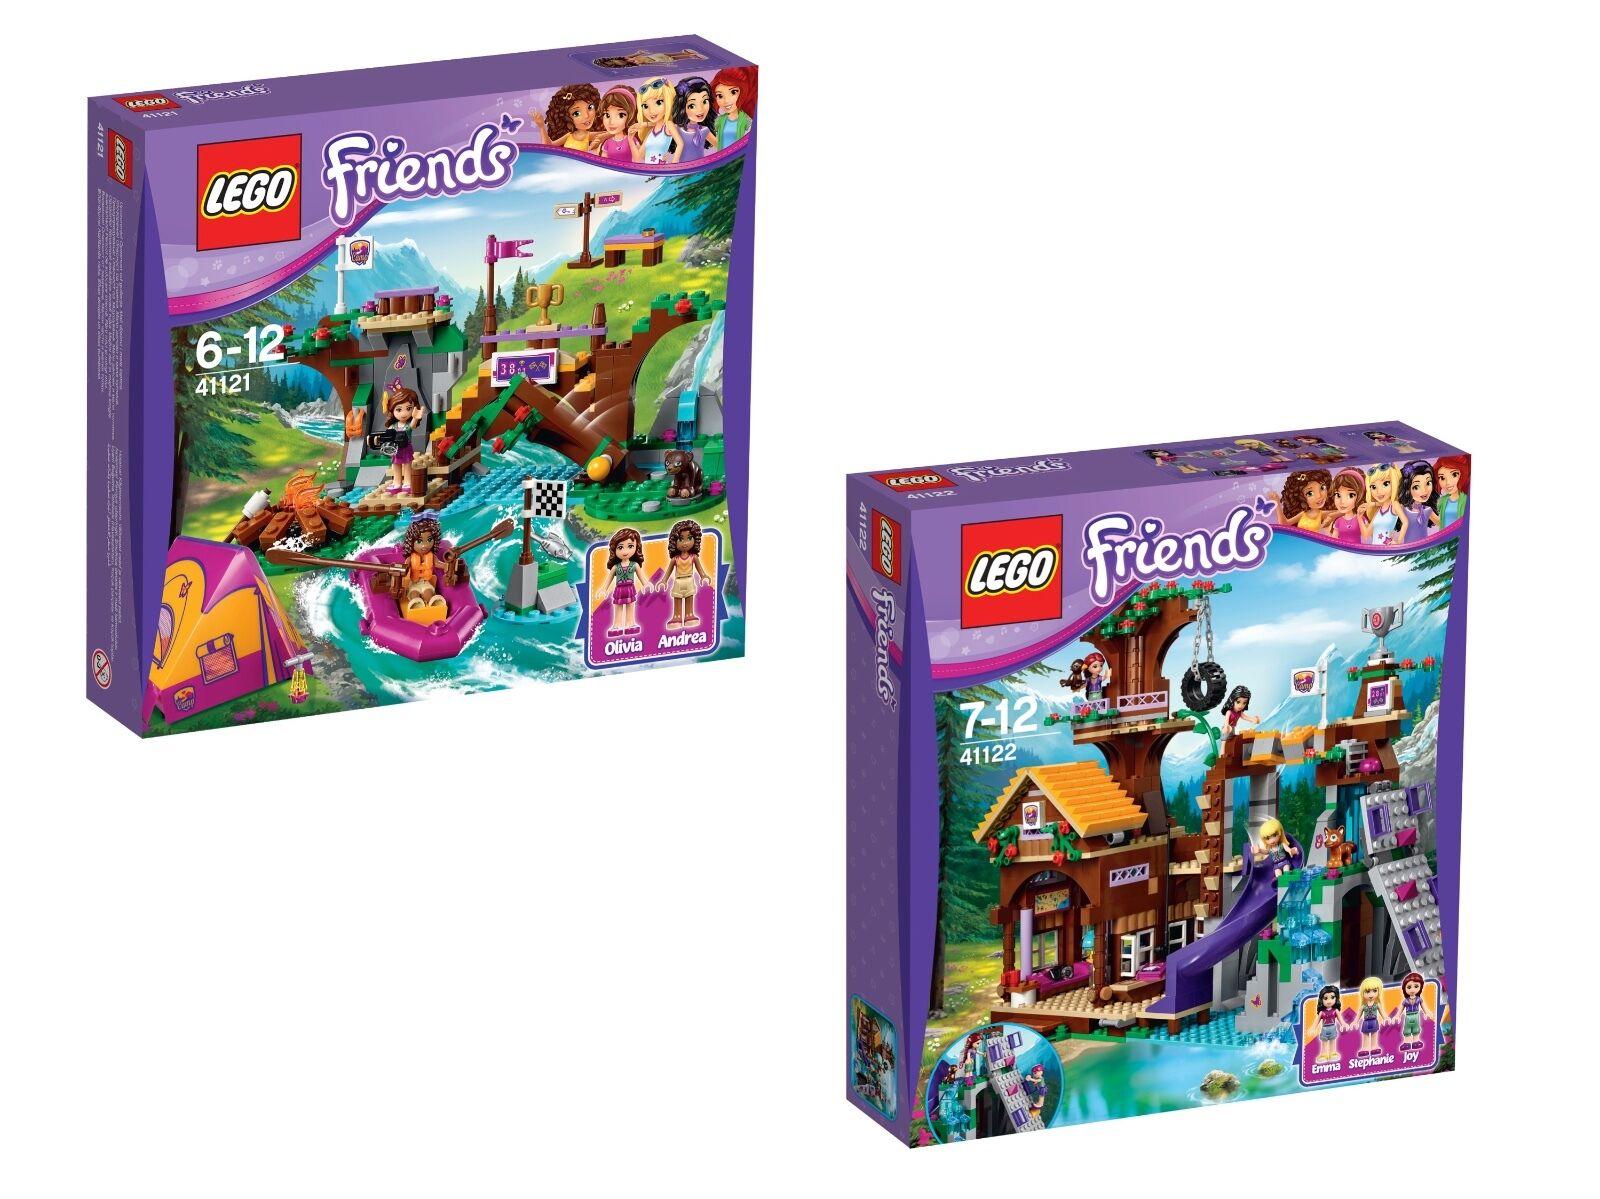 LEGO ® Friends 41121+ 41122 bon Paquet Set Nouveau Kraft  neuf dans sa boîte New glued